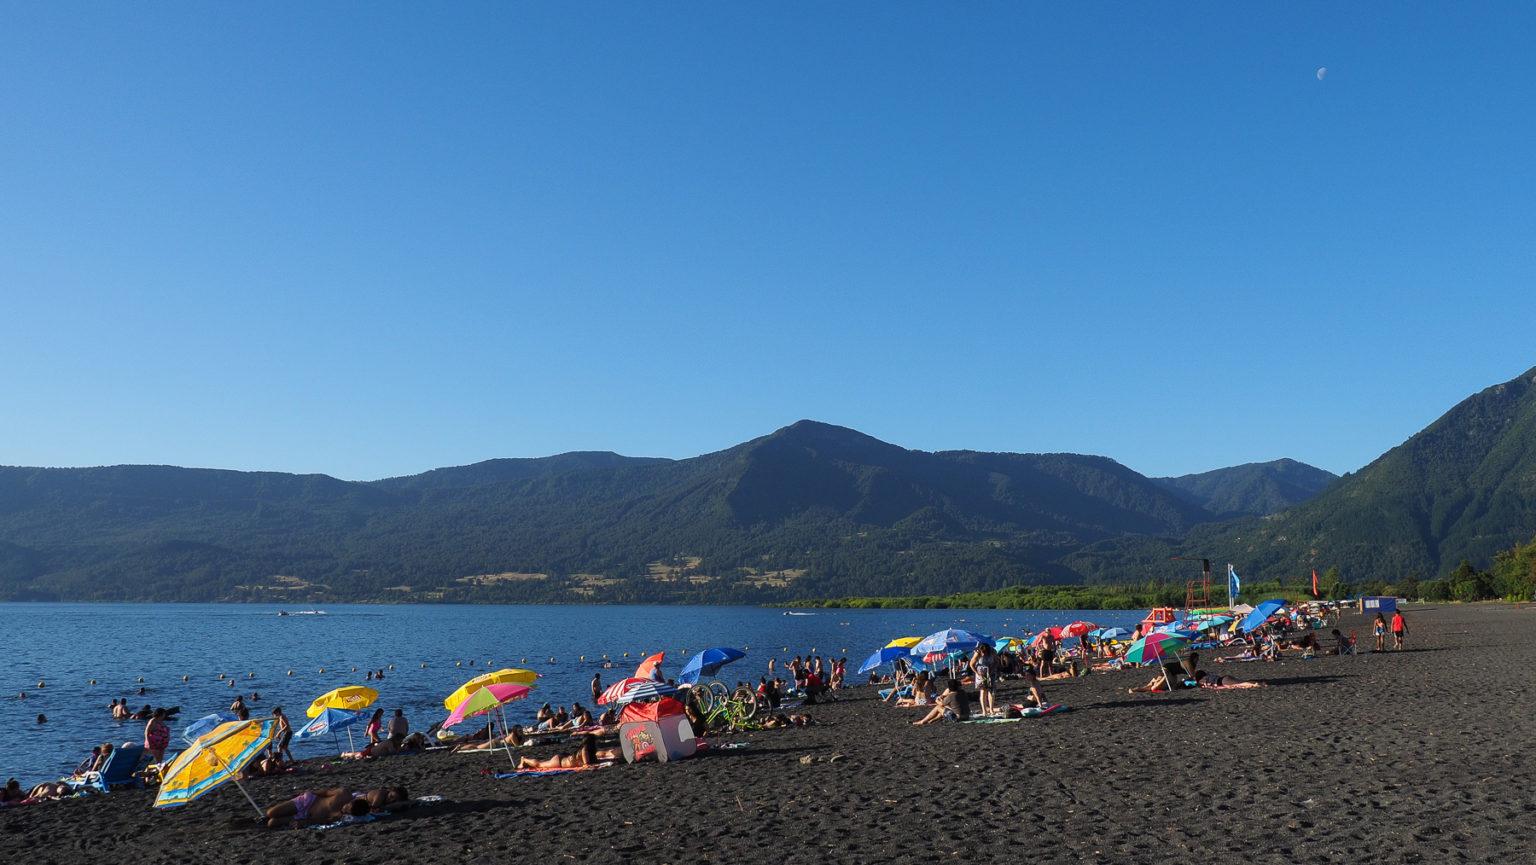 Am Strand von Pucon am Lago Villarica